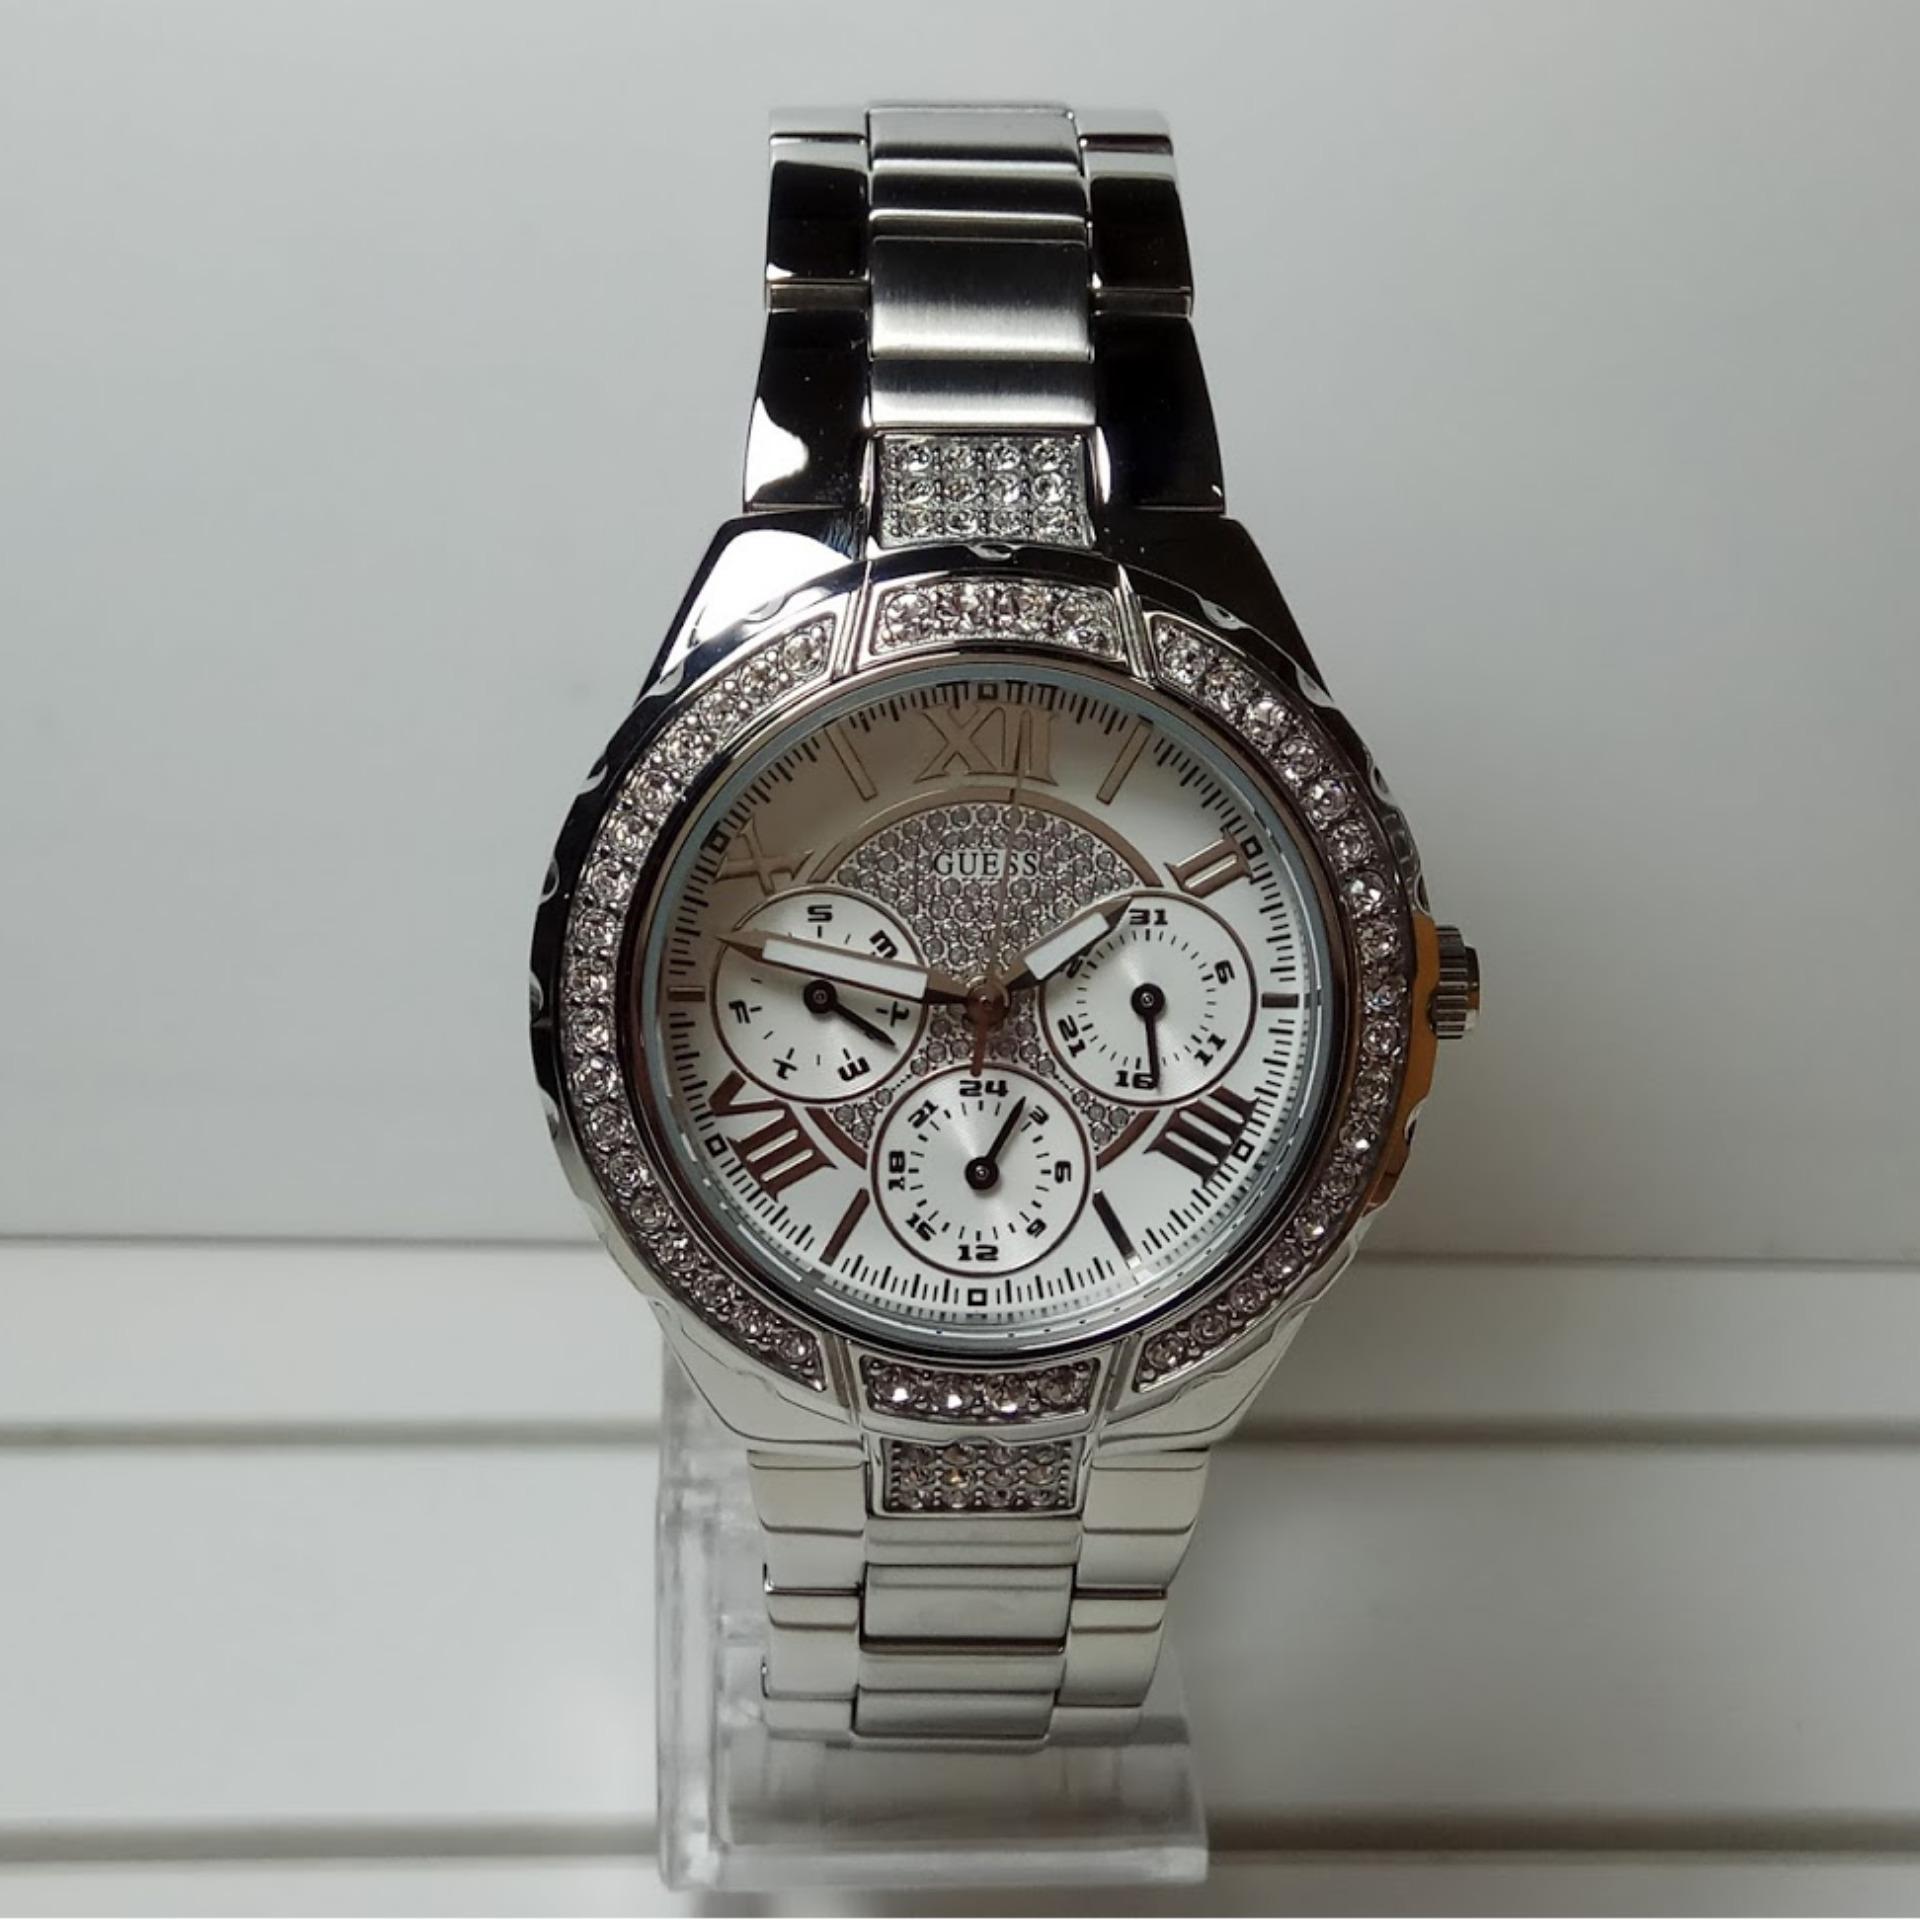 Anggaran Terbaik Guess Jam Tangan Wanita W0111l1 Viva W0479g3 Multifunction Pria Strap Stainless Steel Silver Watch